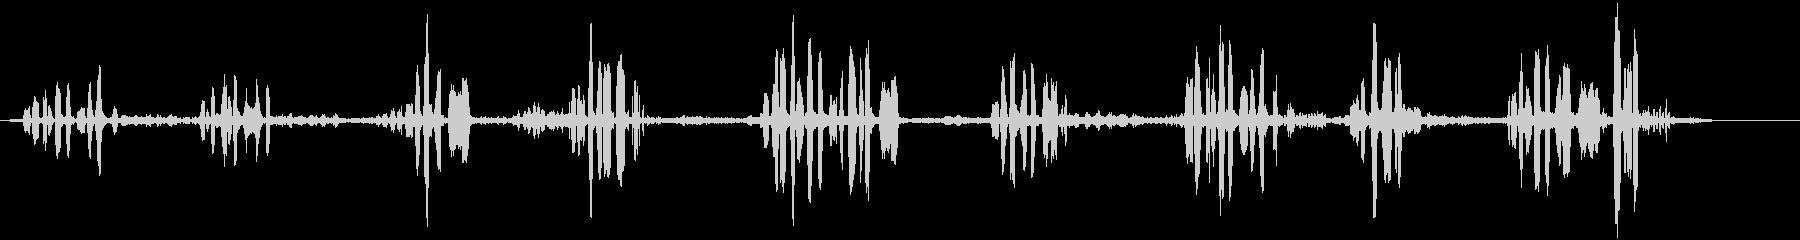 鳥クロウタドリの未再生の波形